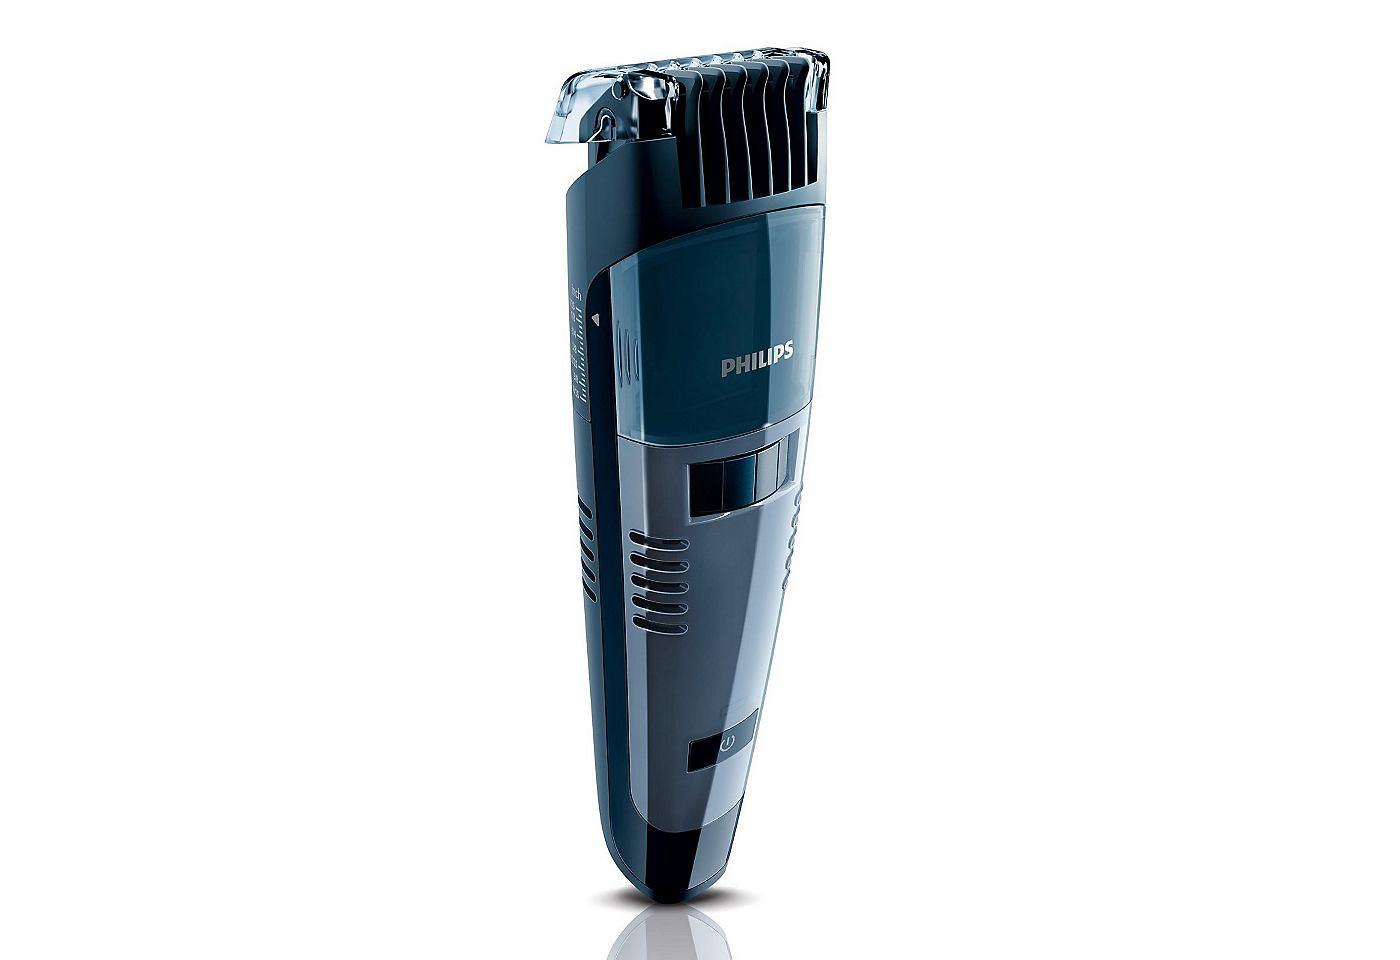 Philips baardtrimmer 'Vacuum Plus QT 4050/32' grijs/zwart